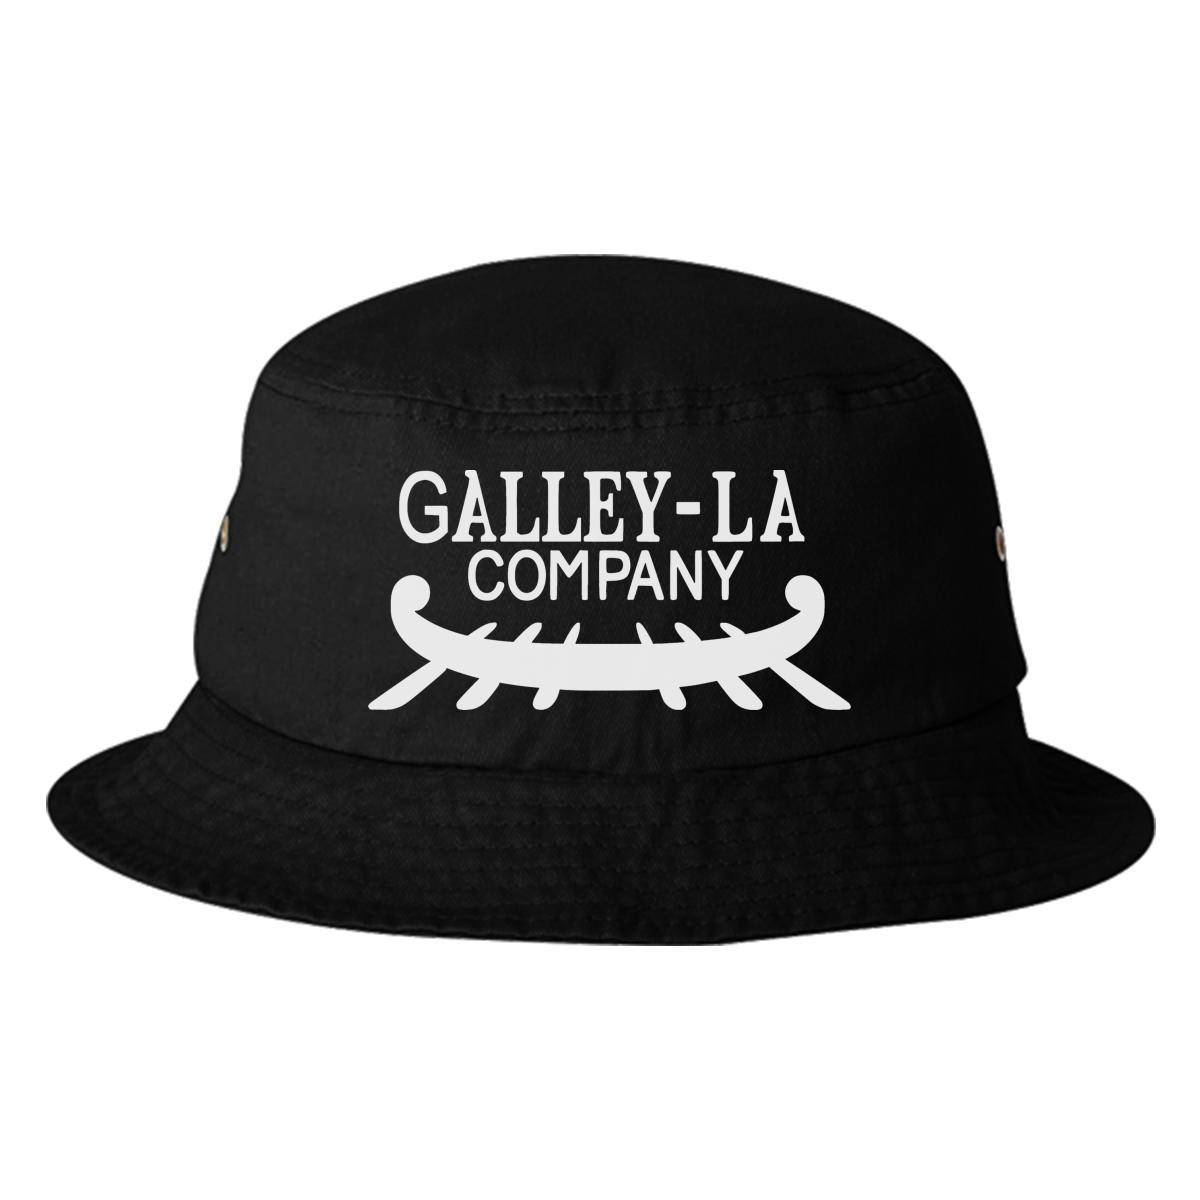 New styles one piece luffy galley la company logo bucket hat customon jpg  1200x1200 Milk crate 6bf13f78eb0a